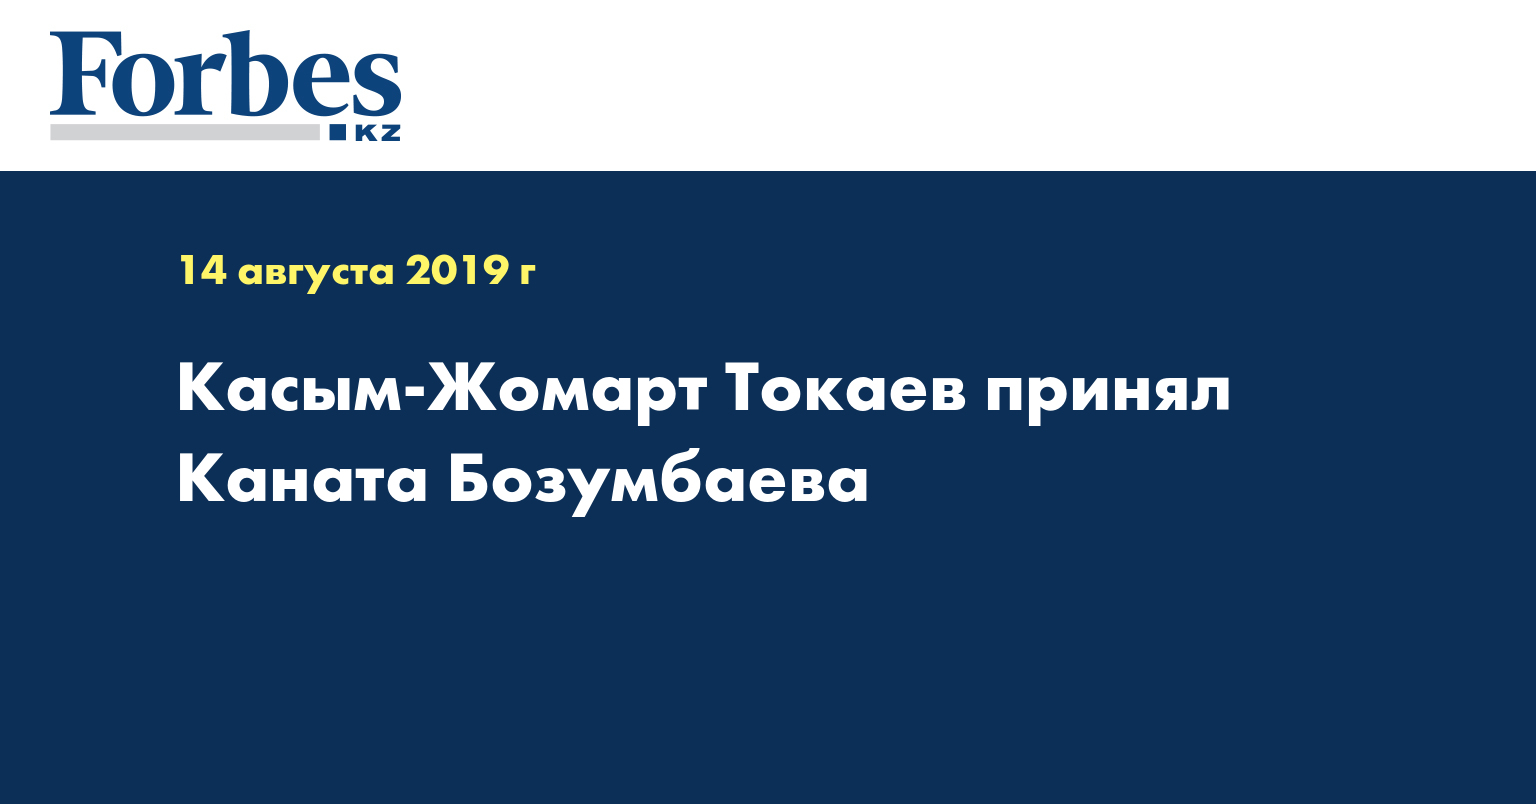 Касым-Жомарт Токаев принял Каната Бозумбаева